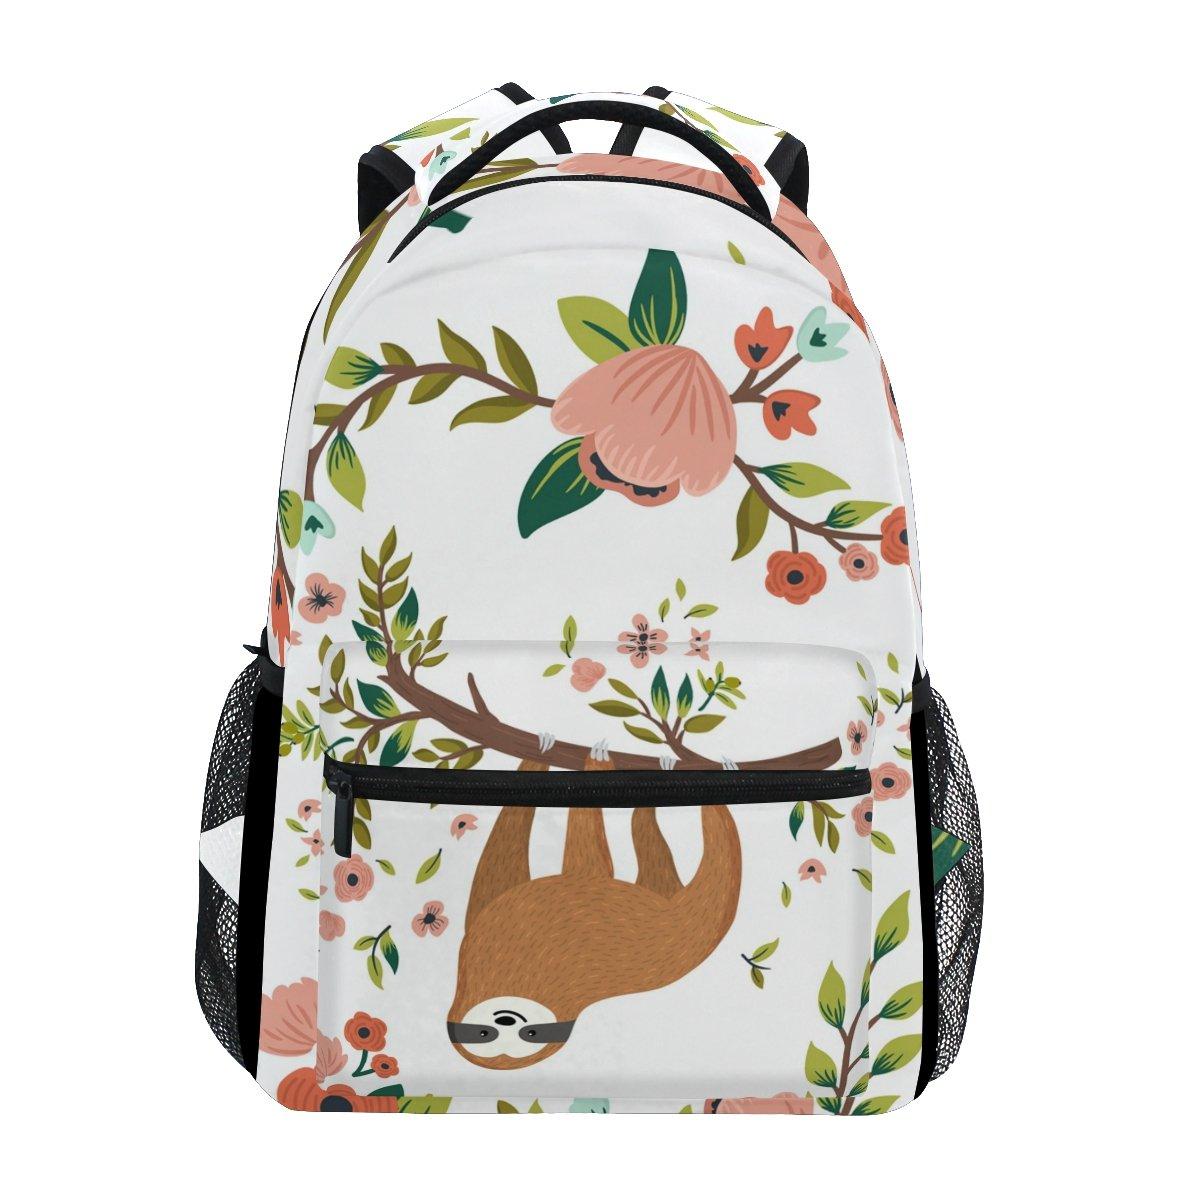 ZZKKO 美人鱼女孩独角兽儿童背包书包适合学步男孩女孩